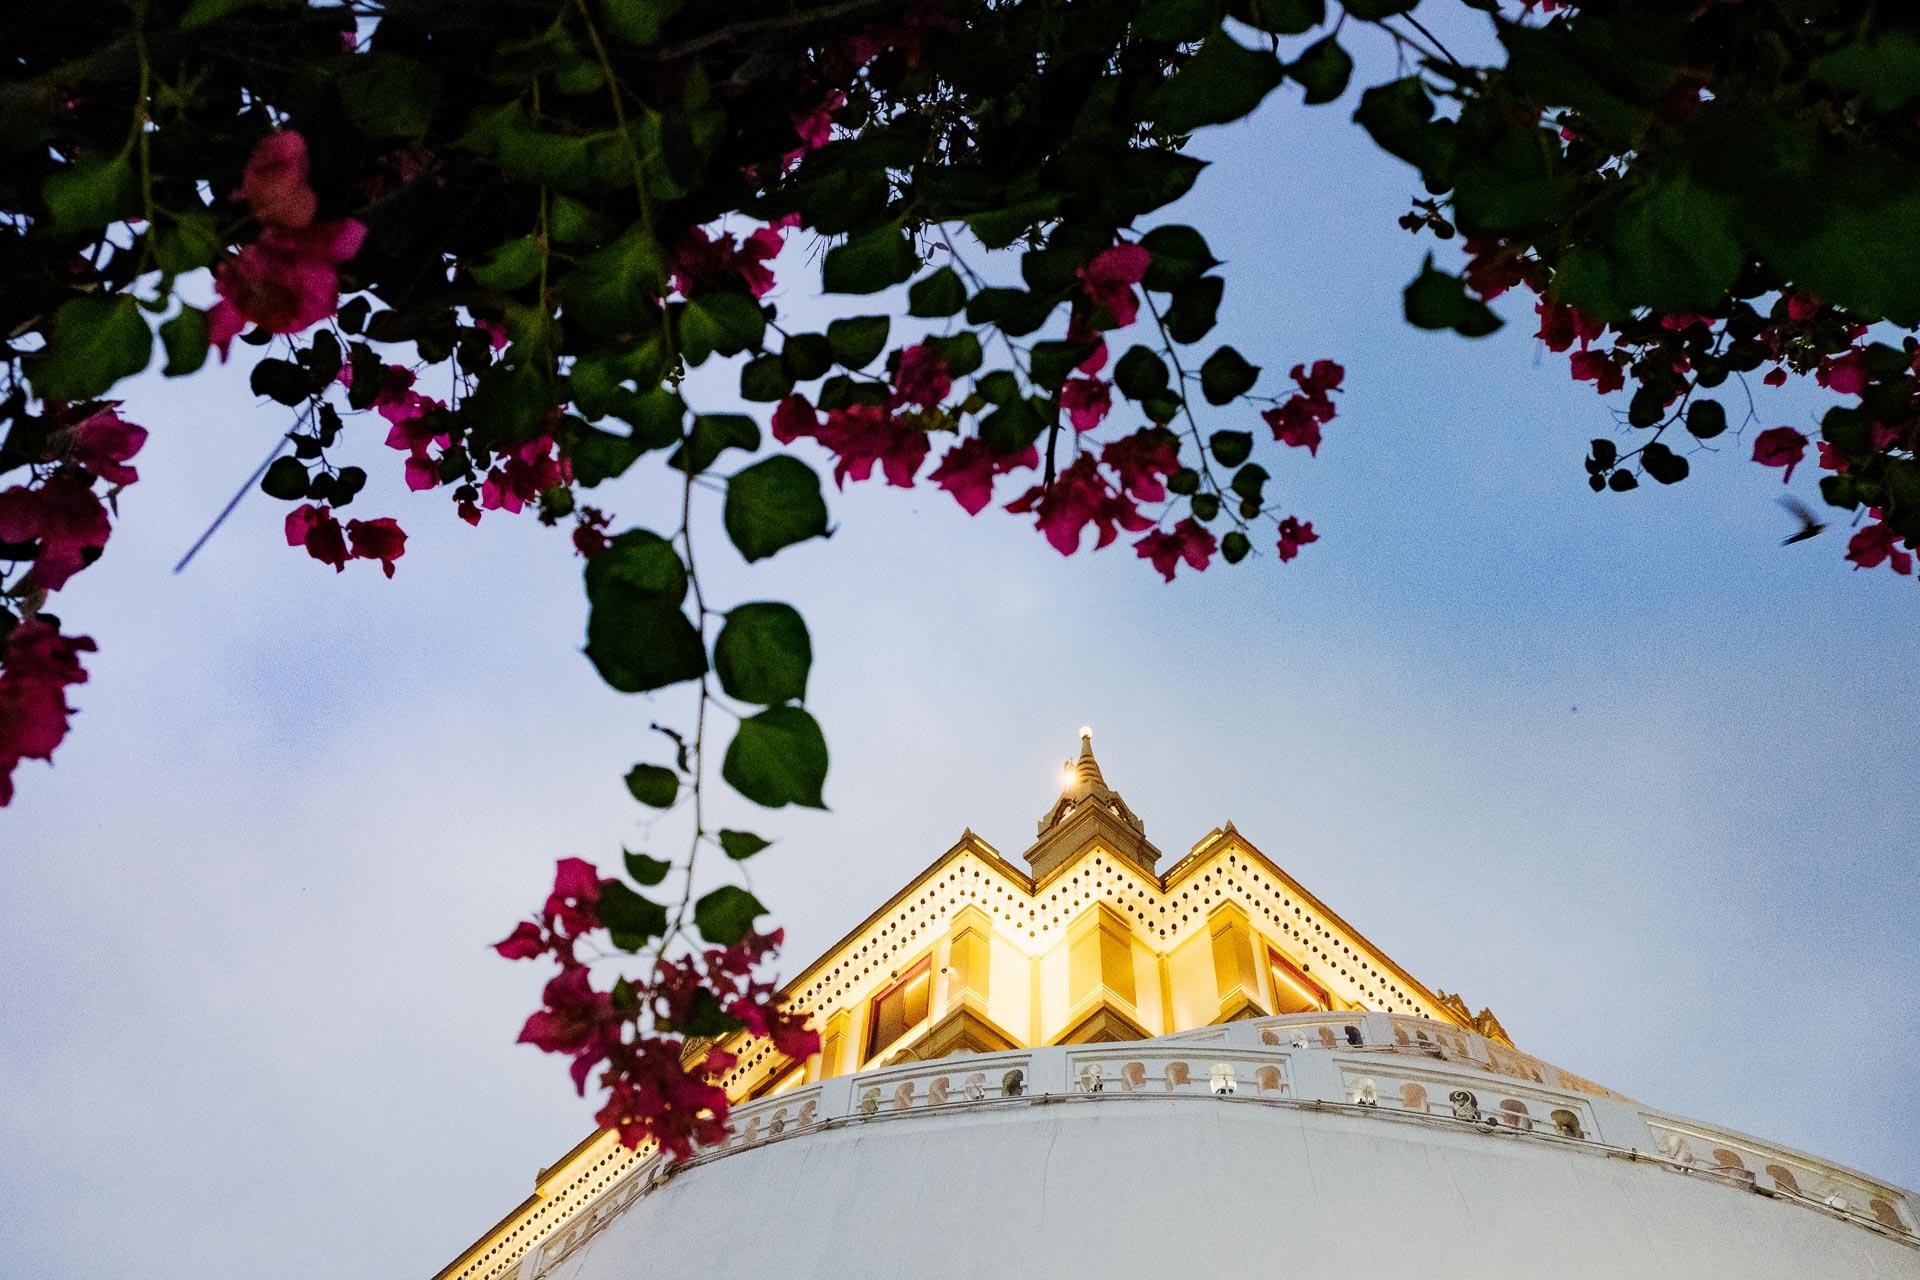 Le Wat Saket et son chedi doré illuminé Ce temple a été construit sur une colline artificielle de 75 m, lui a valu le surnom de Temple de la montagne d'or.